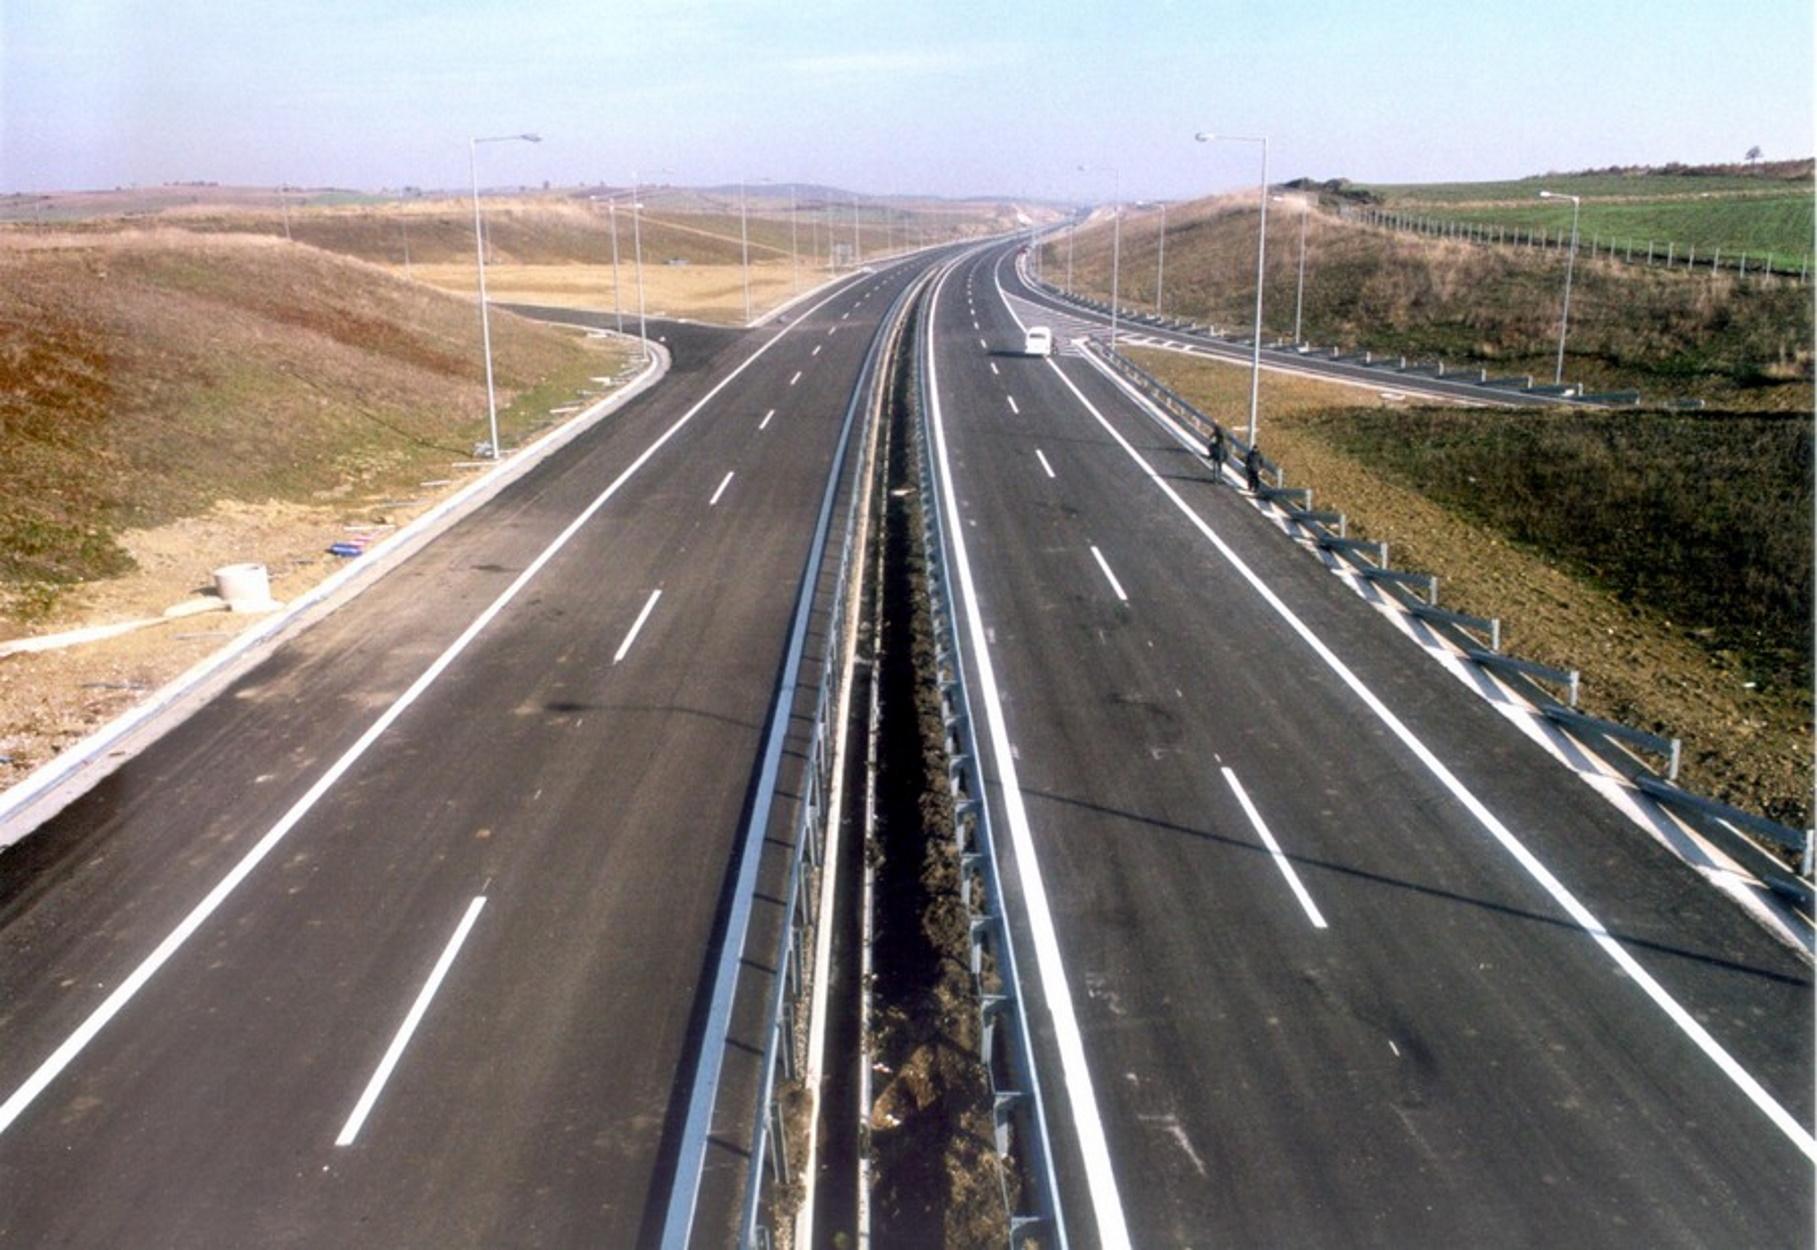 Εγνατία Οδός:Σε ΓΕΚ Τέρνα καιEgisProjectsη εκμετάλλευση του αυτοκινητόδρομου έναντι 1,5 δισ. ευρώ